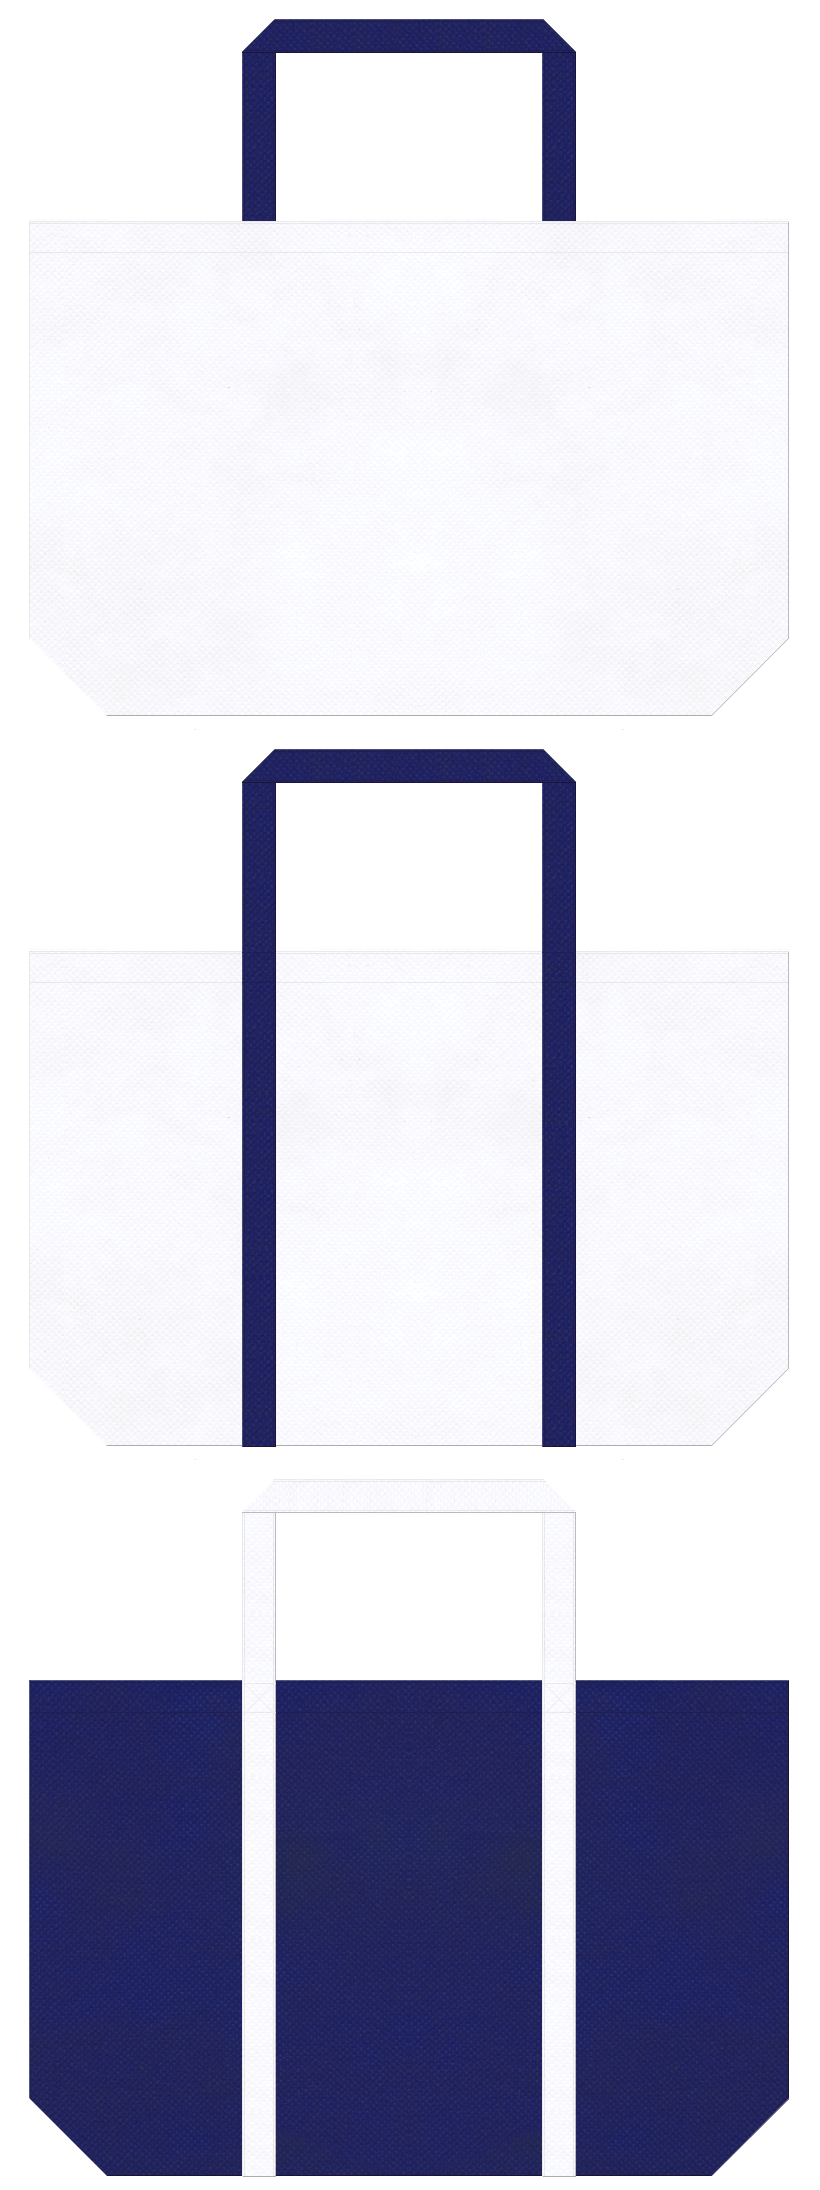 白色と明るい紺色の不織布バッグデザイン:マリンファッション・ビーチグッズのショッピングバッグ